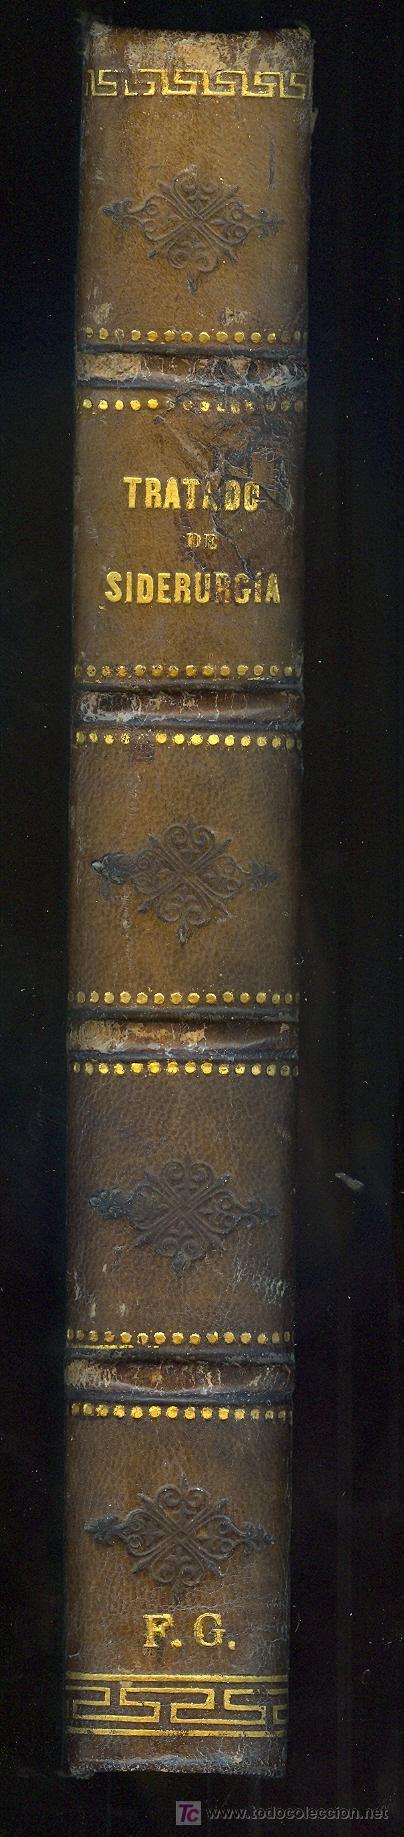 Alte Bücher: TRATADO DE LA SIDERURGIA POR D. JOAQUIN RODRIGUEZ ALONSO. MADRID 1884. OBRA PREMIADA. - Foto 2 - 25515801